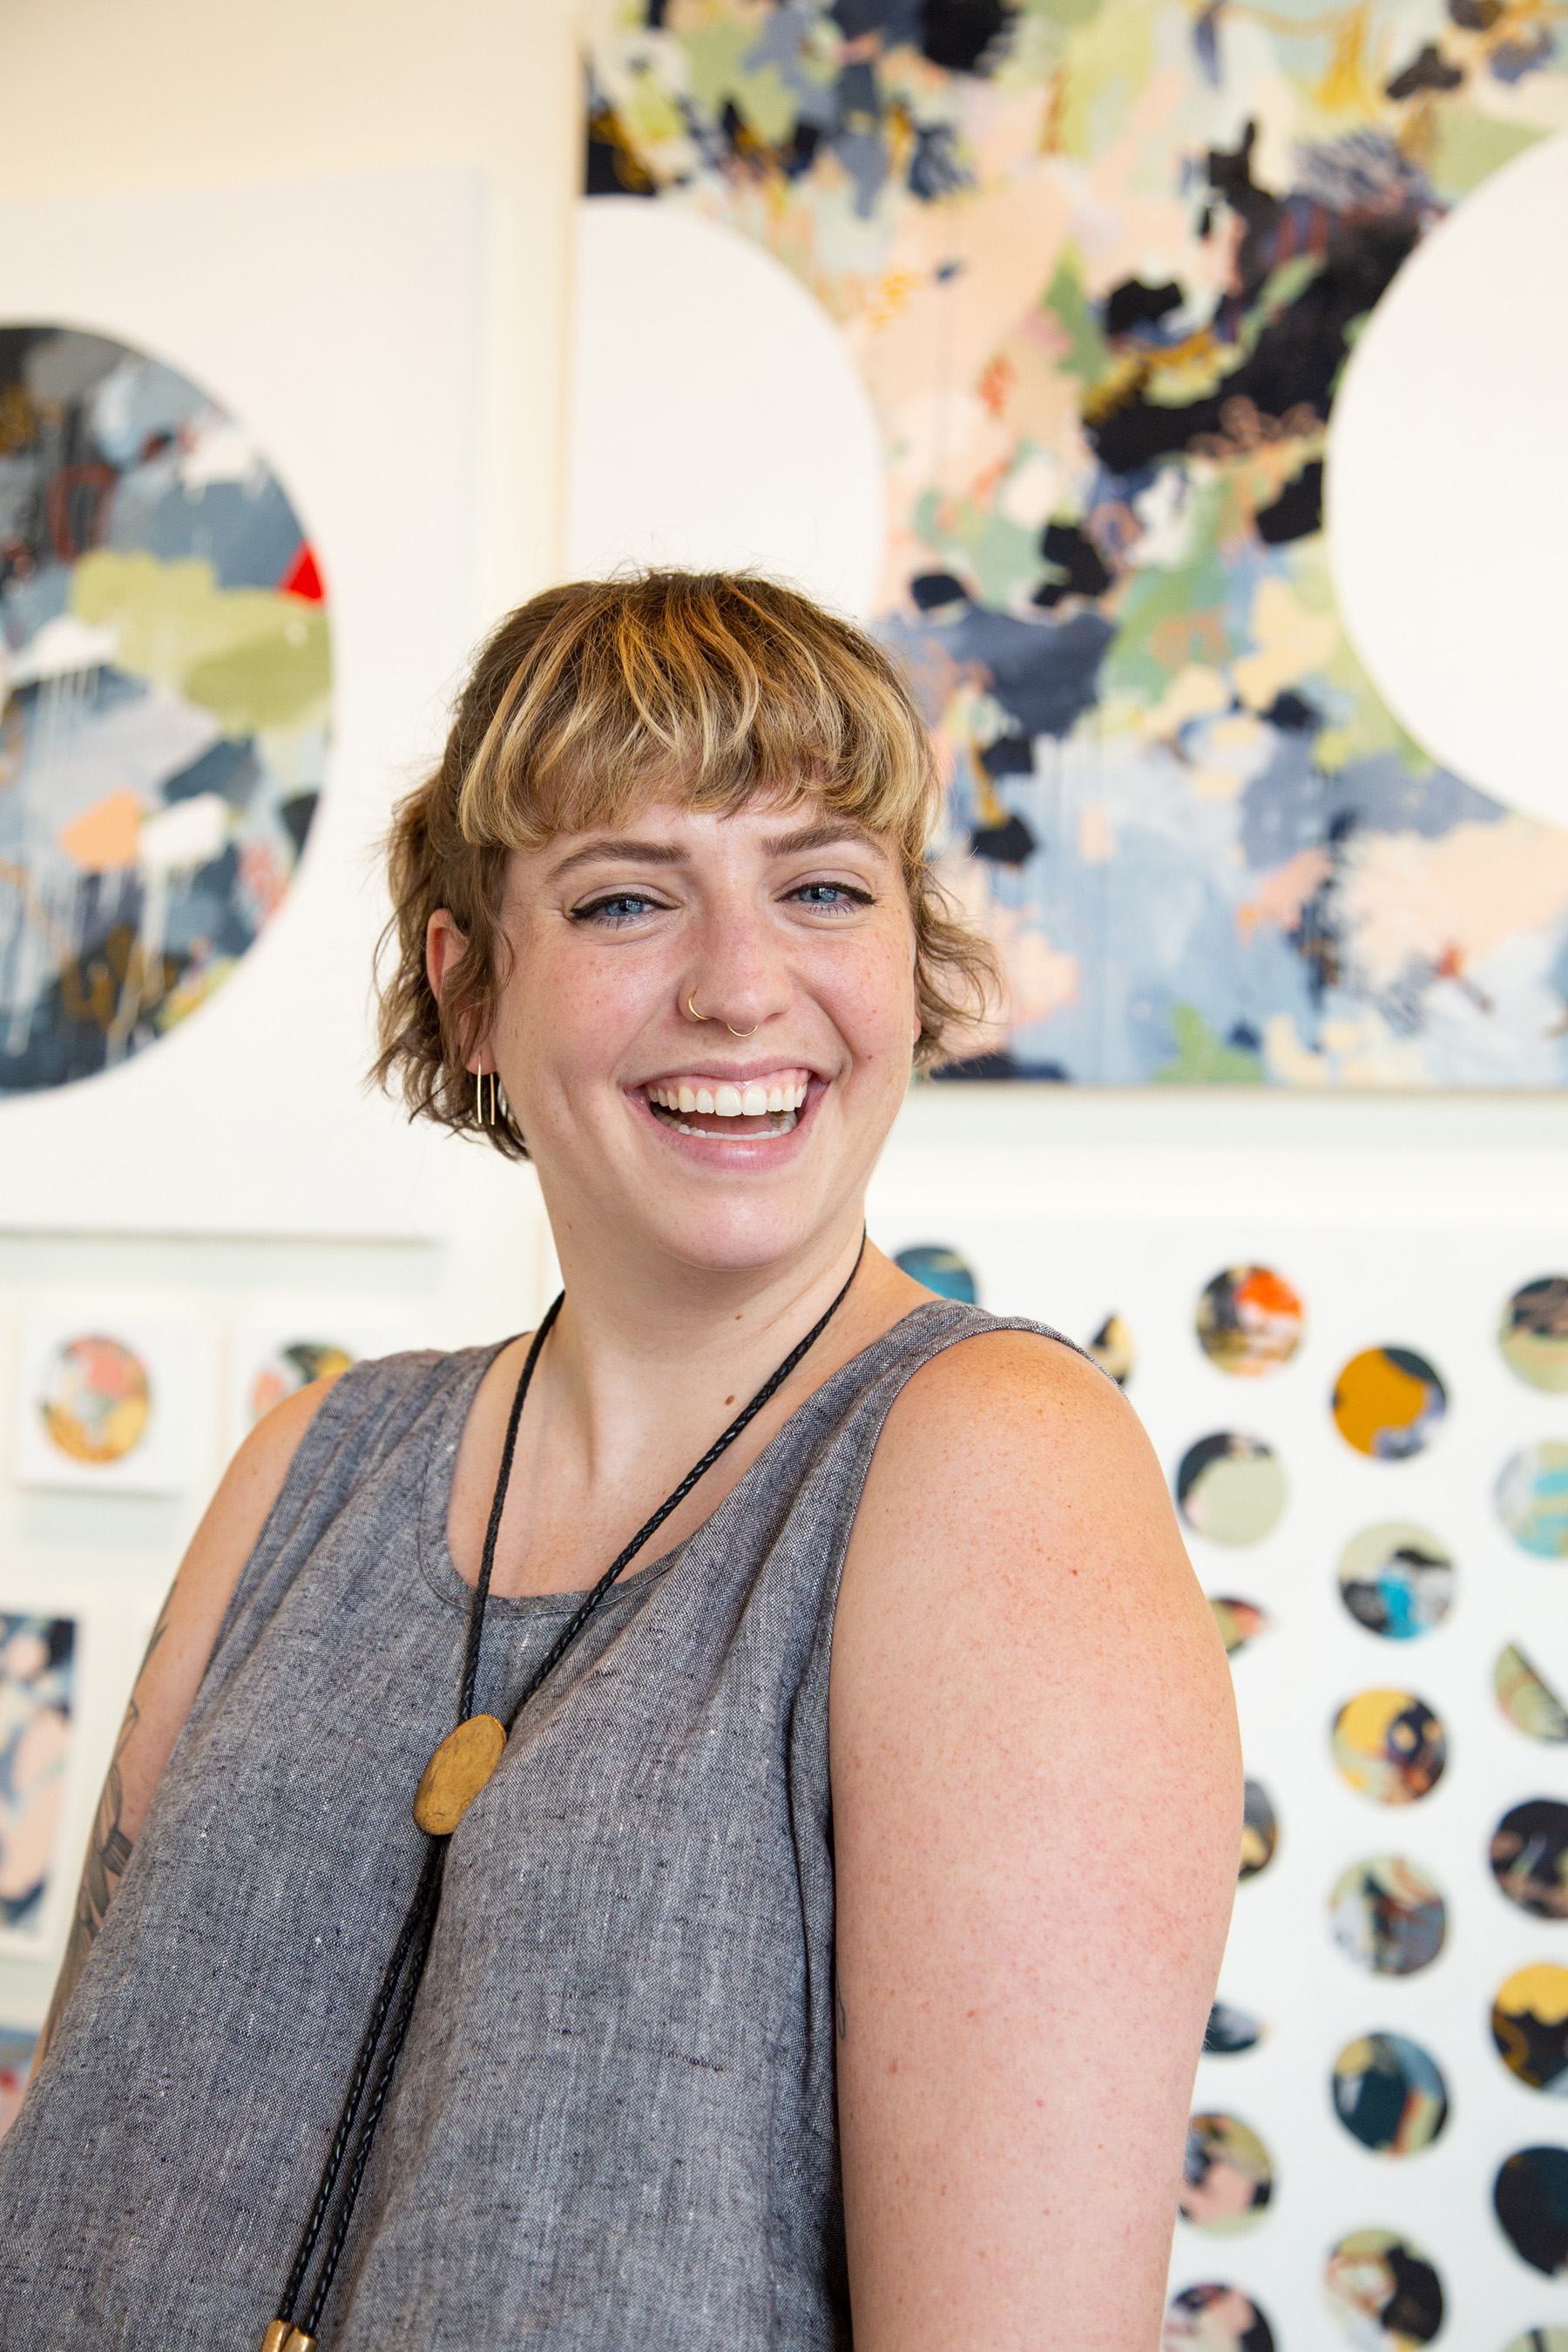 Molly Knobloch